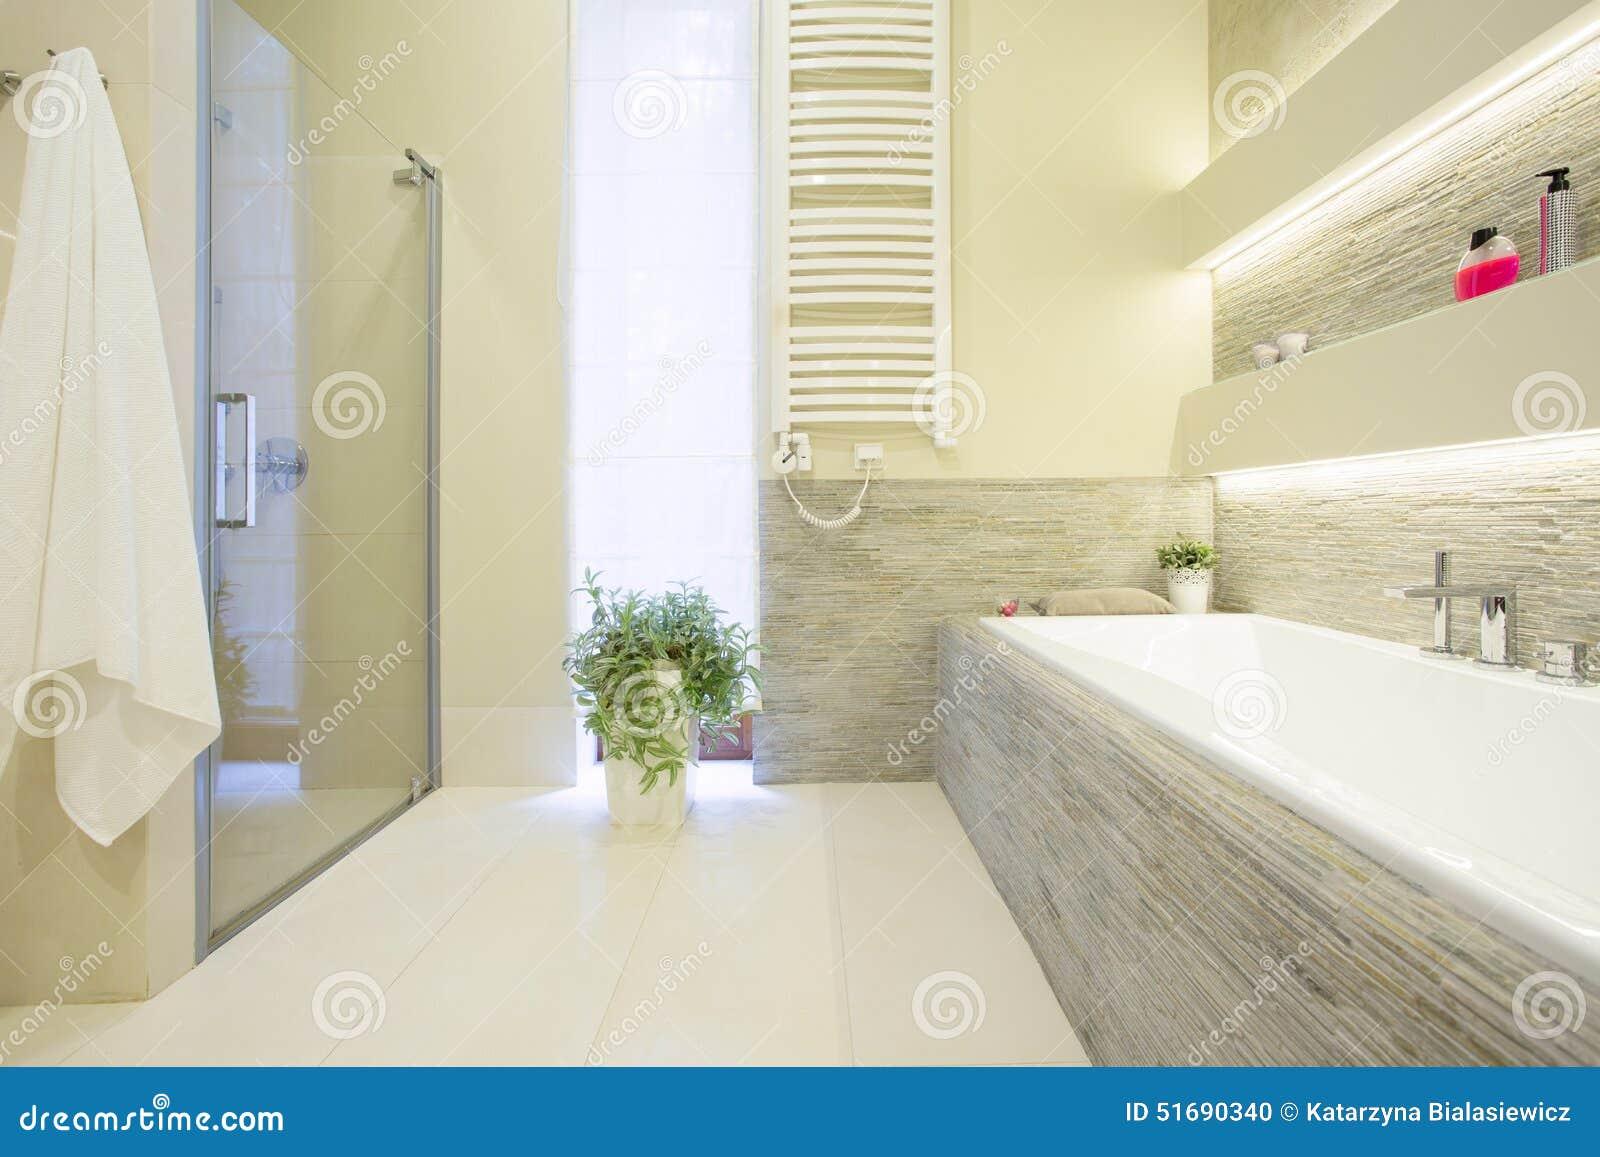 Banheira E Chuveiro Foto de Stock  Imagem 51690340 -> Banheiro Com Chuveiro Na Banheira